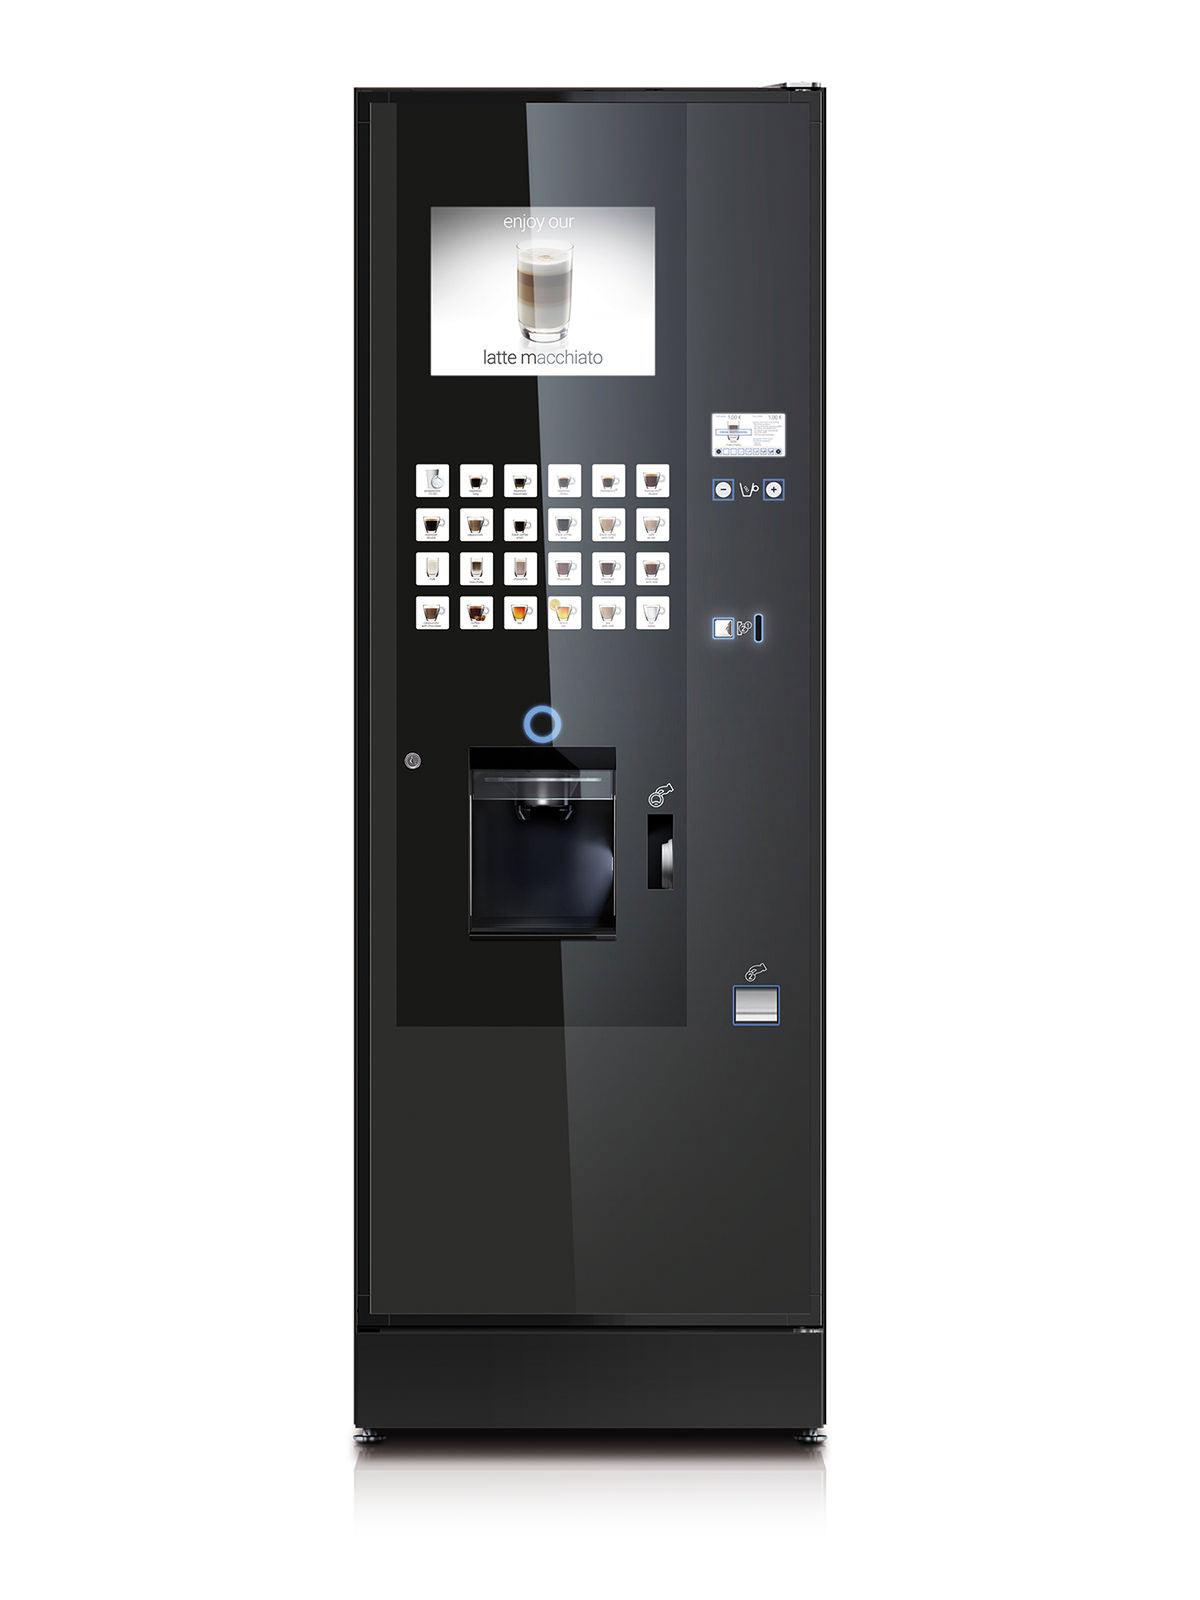 Frontalaufnahme eines Vendinggeräts mit großer Auswahl an auswählbaren Kaffee- und Teesorten